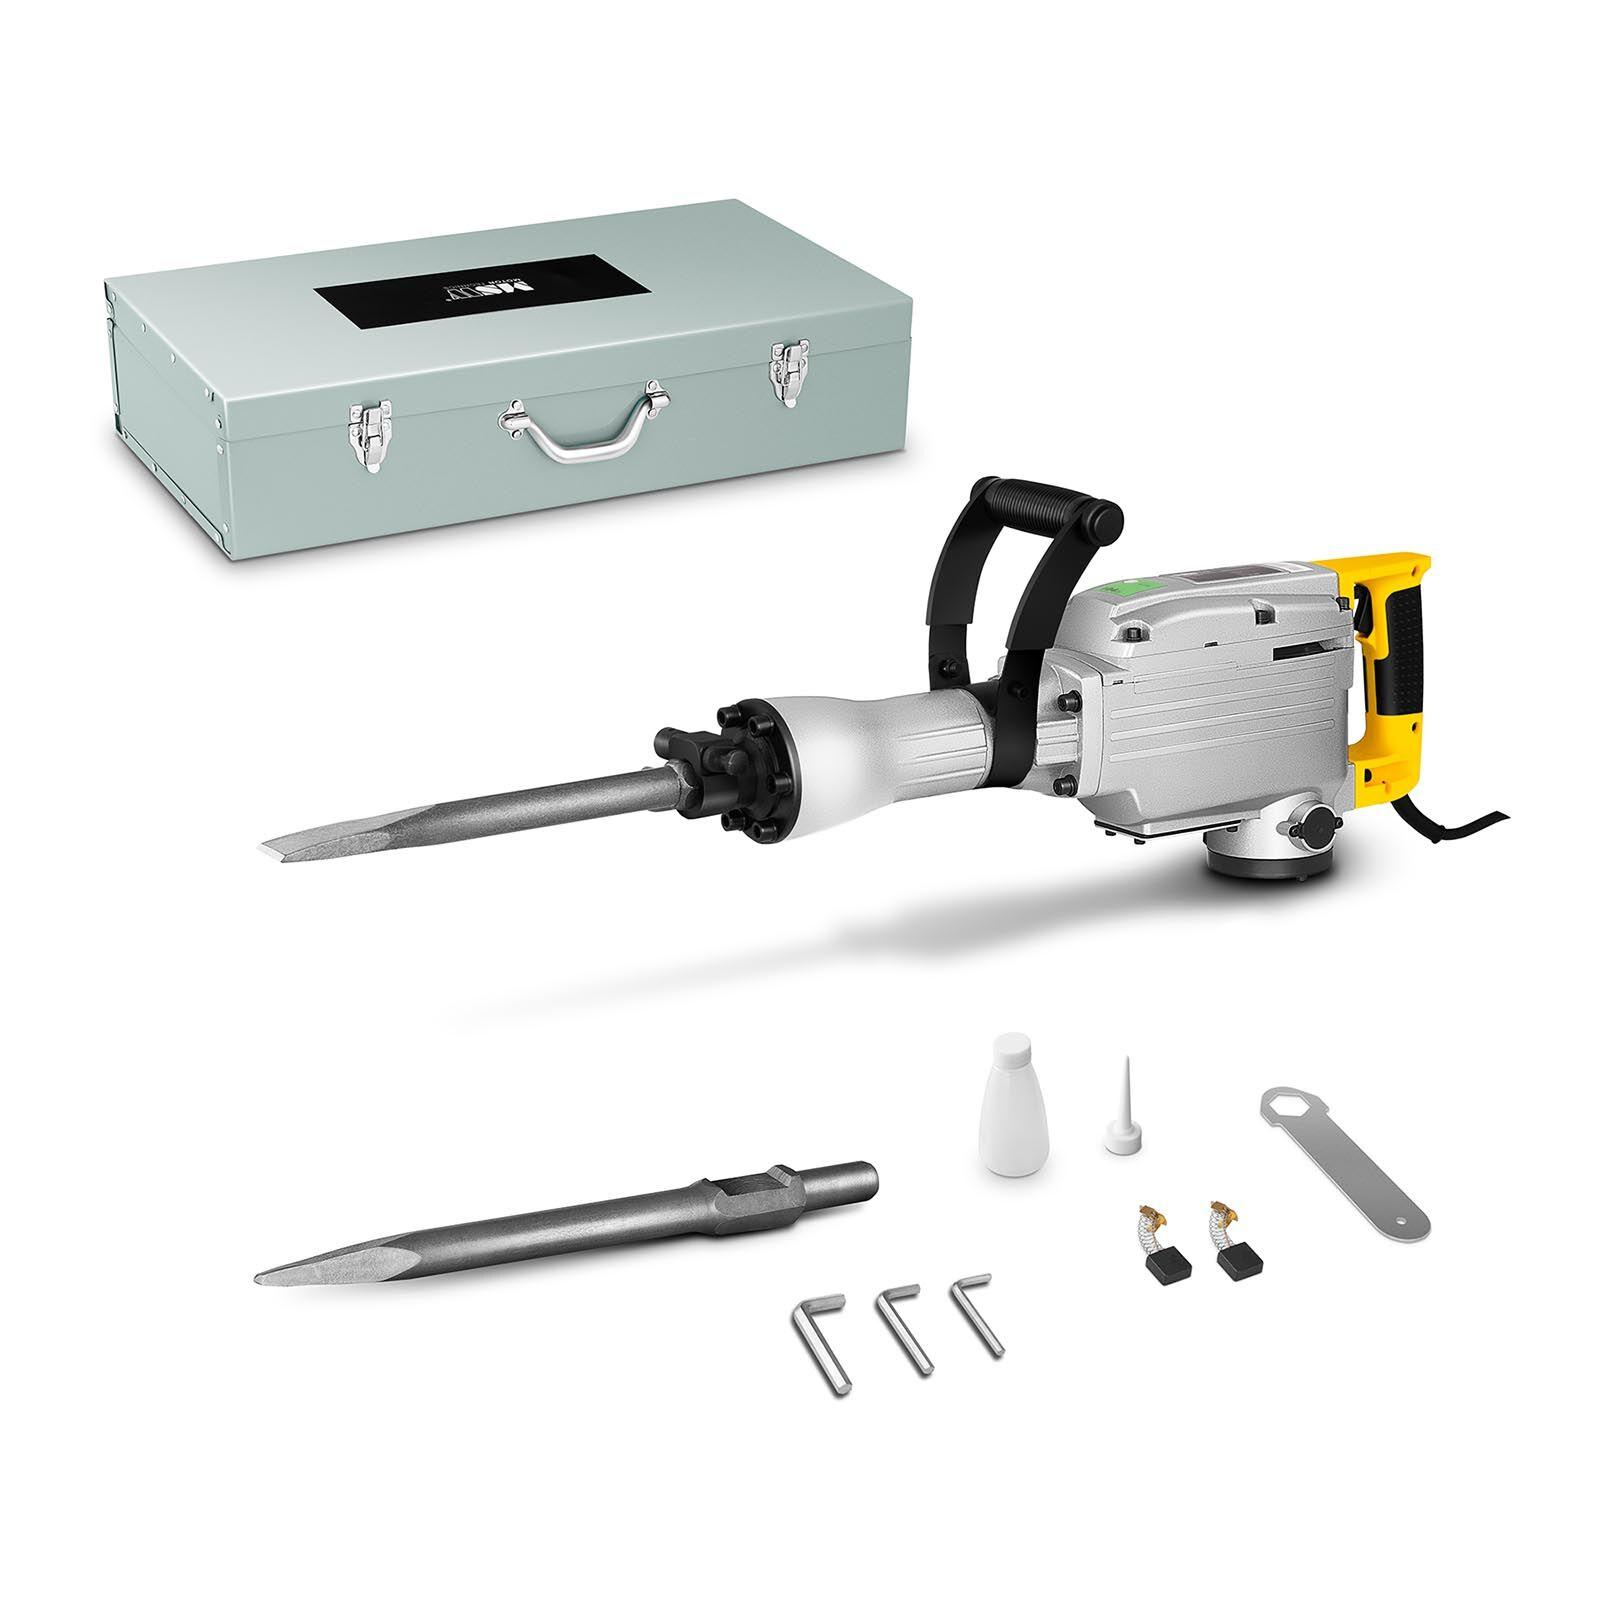 msw martello demolitore - 1.850 w - 1.900 battiti / min - 45 joule - sds hex - per uso professionale